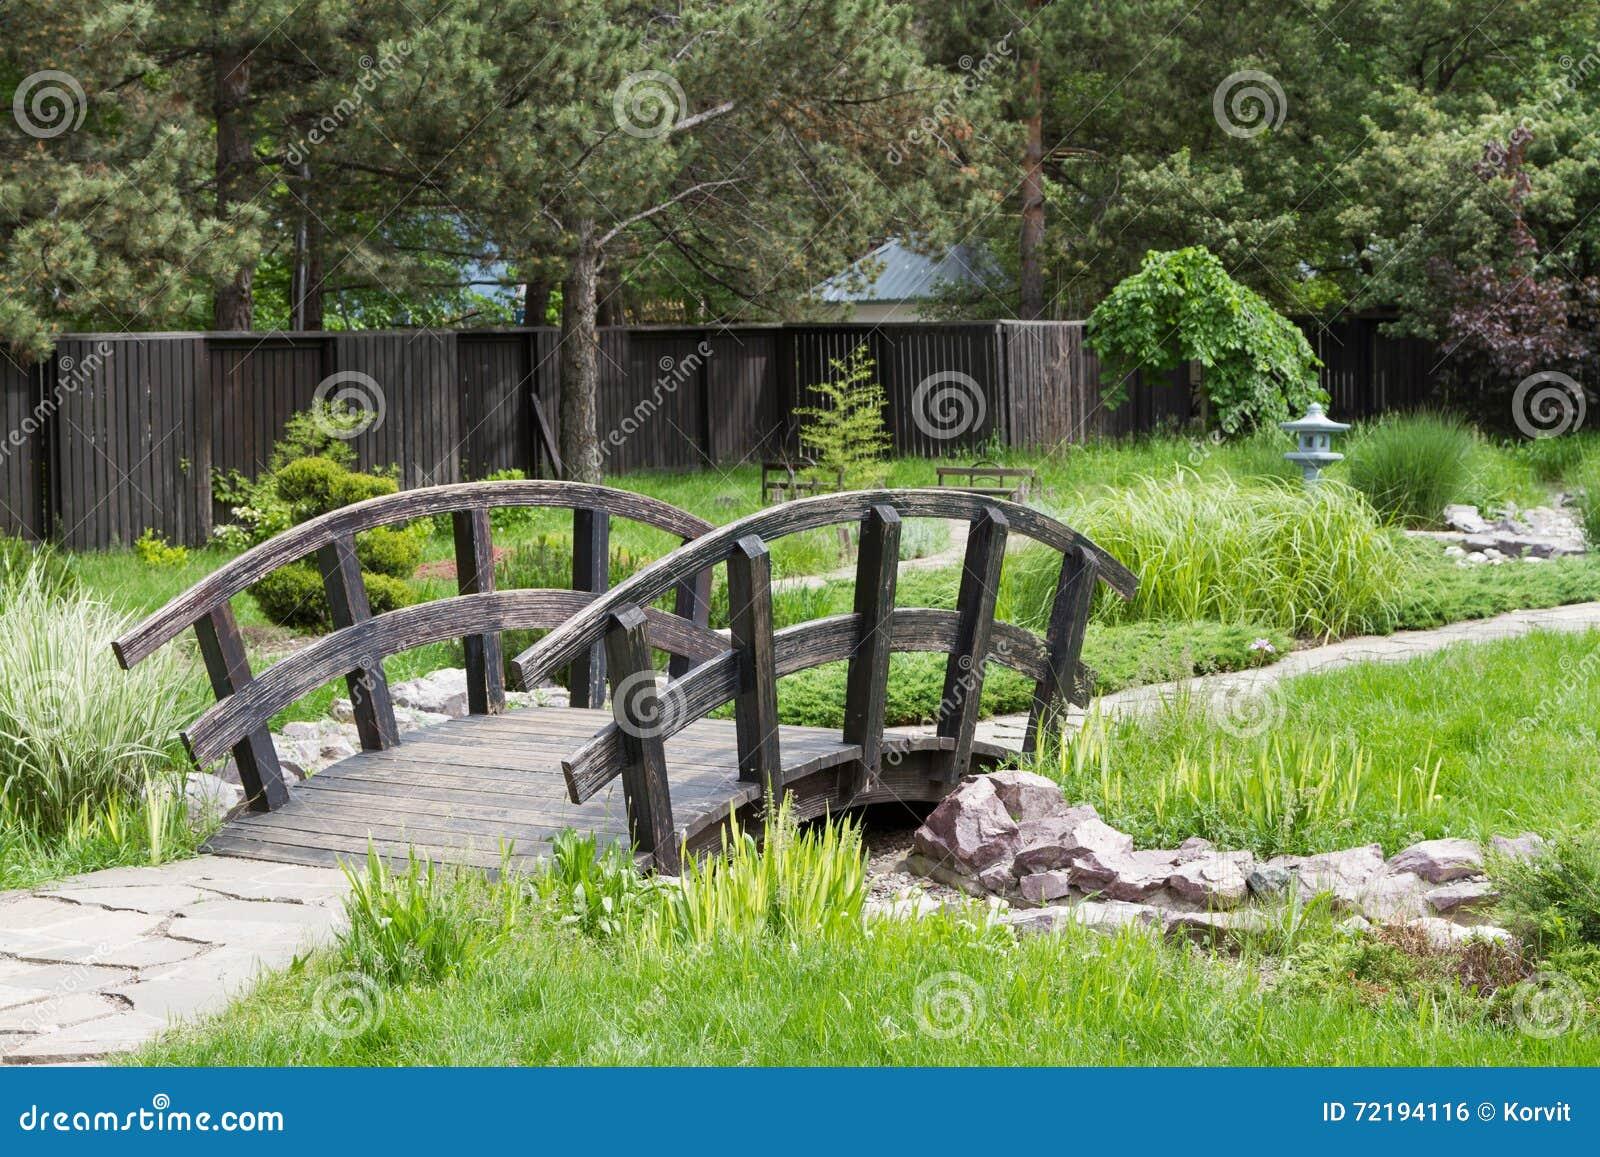 Dekorative Brücke Im Garten Stockfoto Bild Von Gebäude Dekorativ